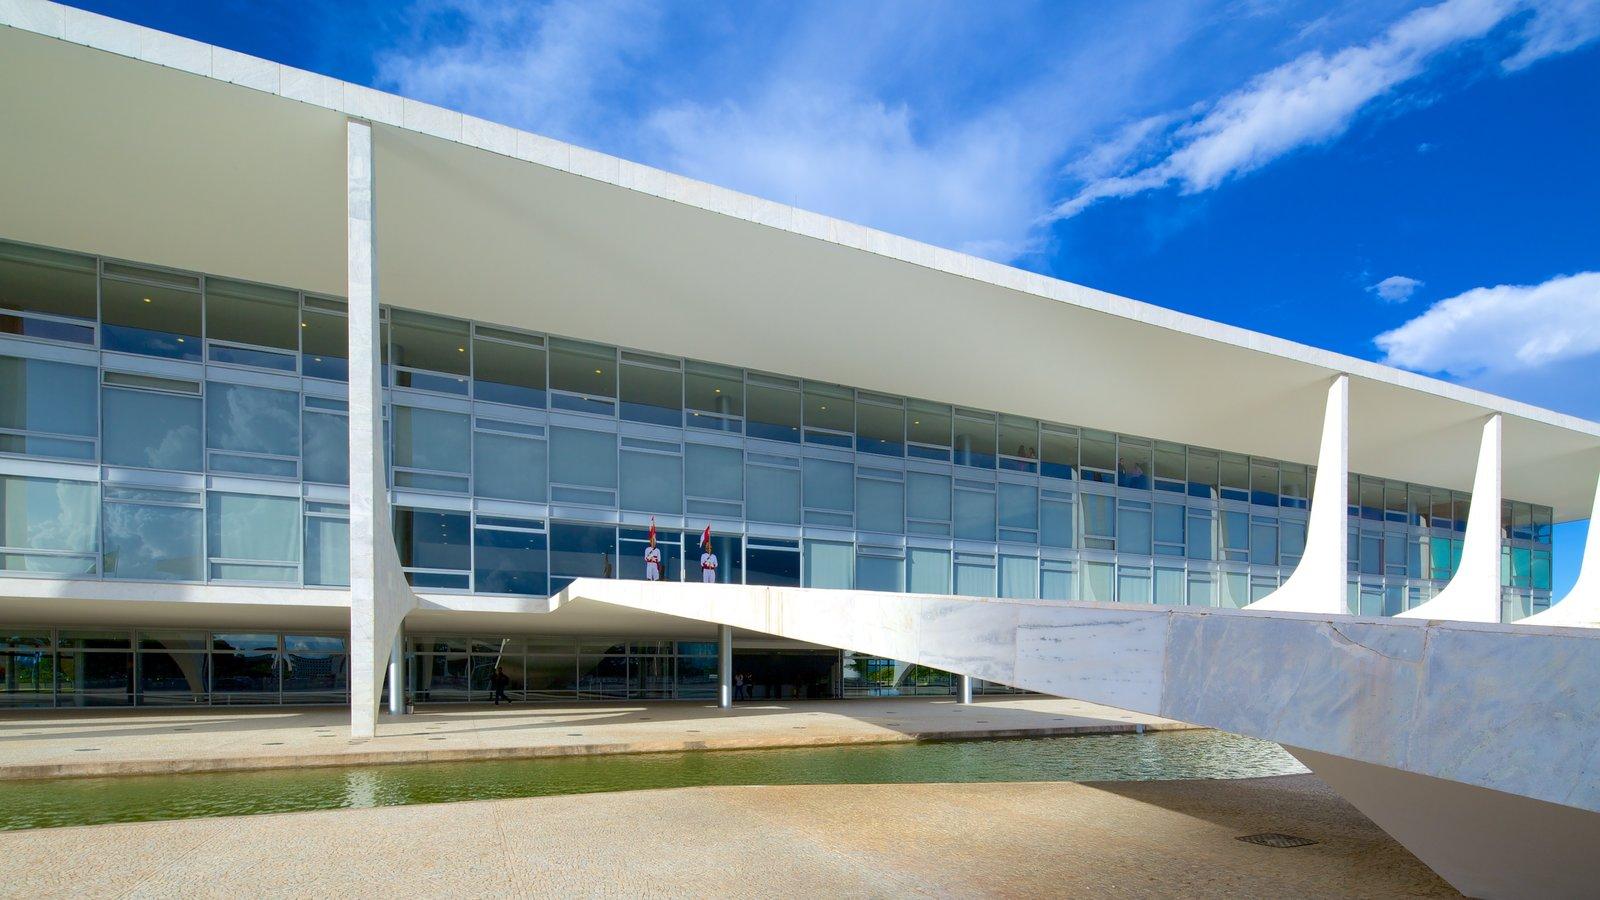 Palácio do Planalto caracterizando um pequeno castelo ou palácio e arquitetura moderna